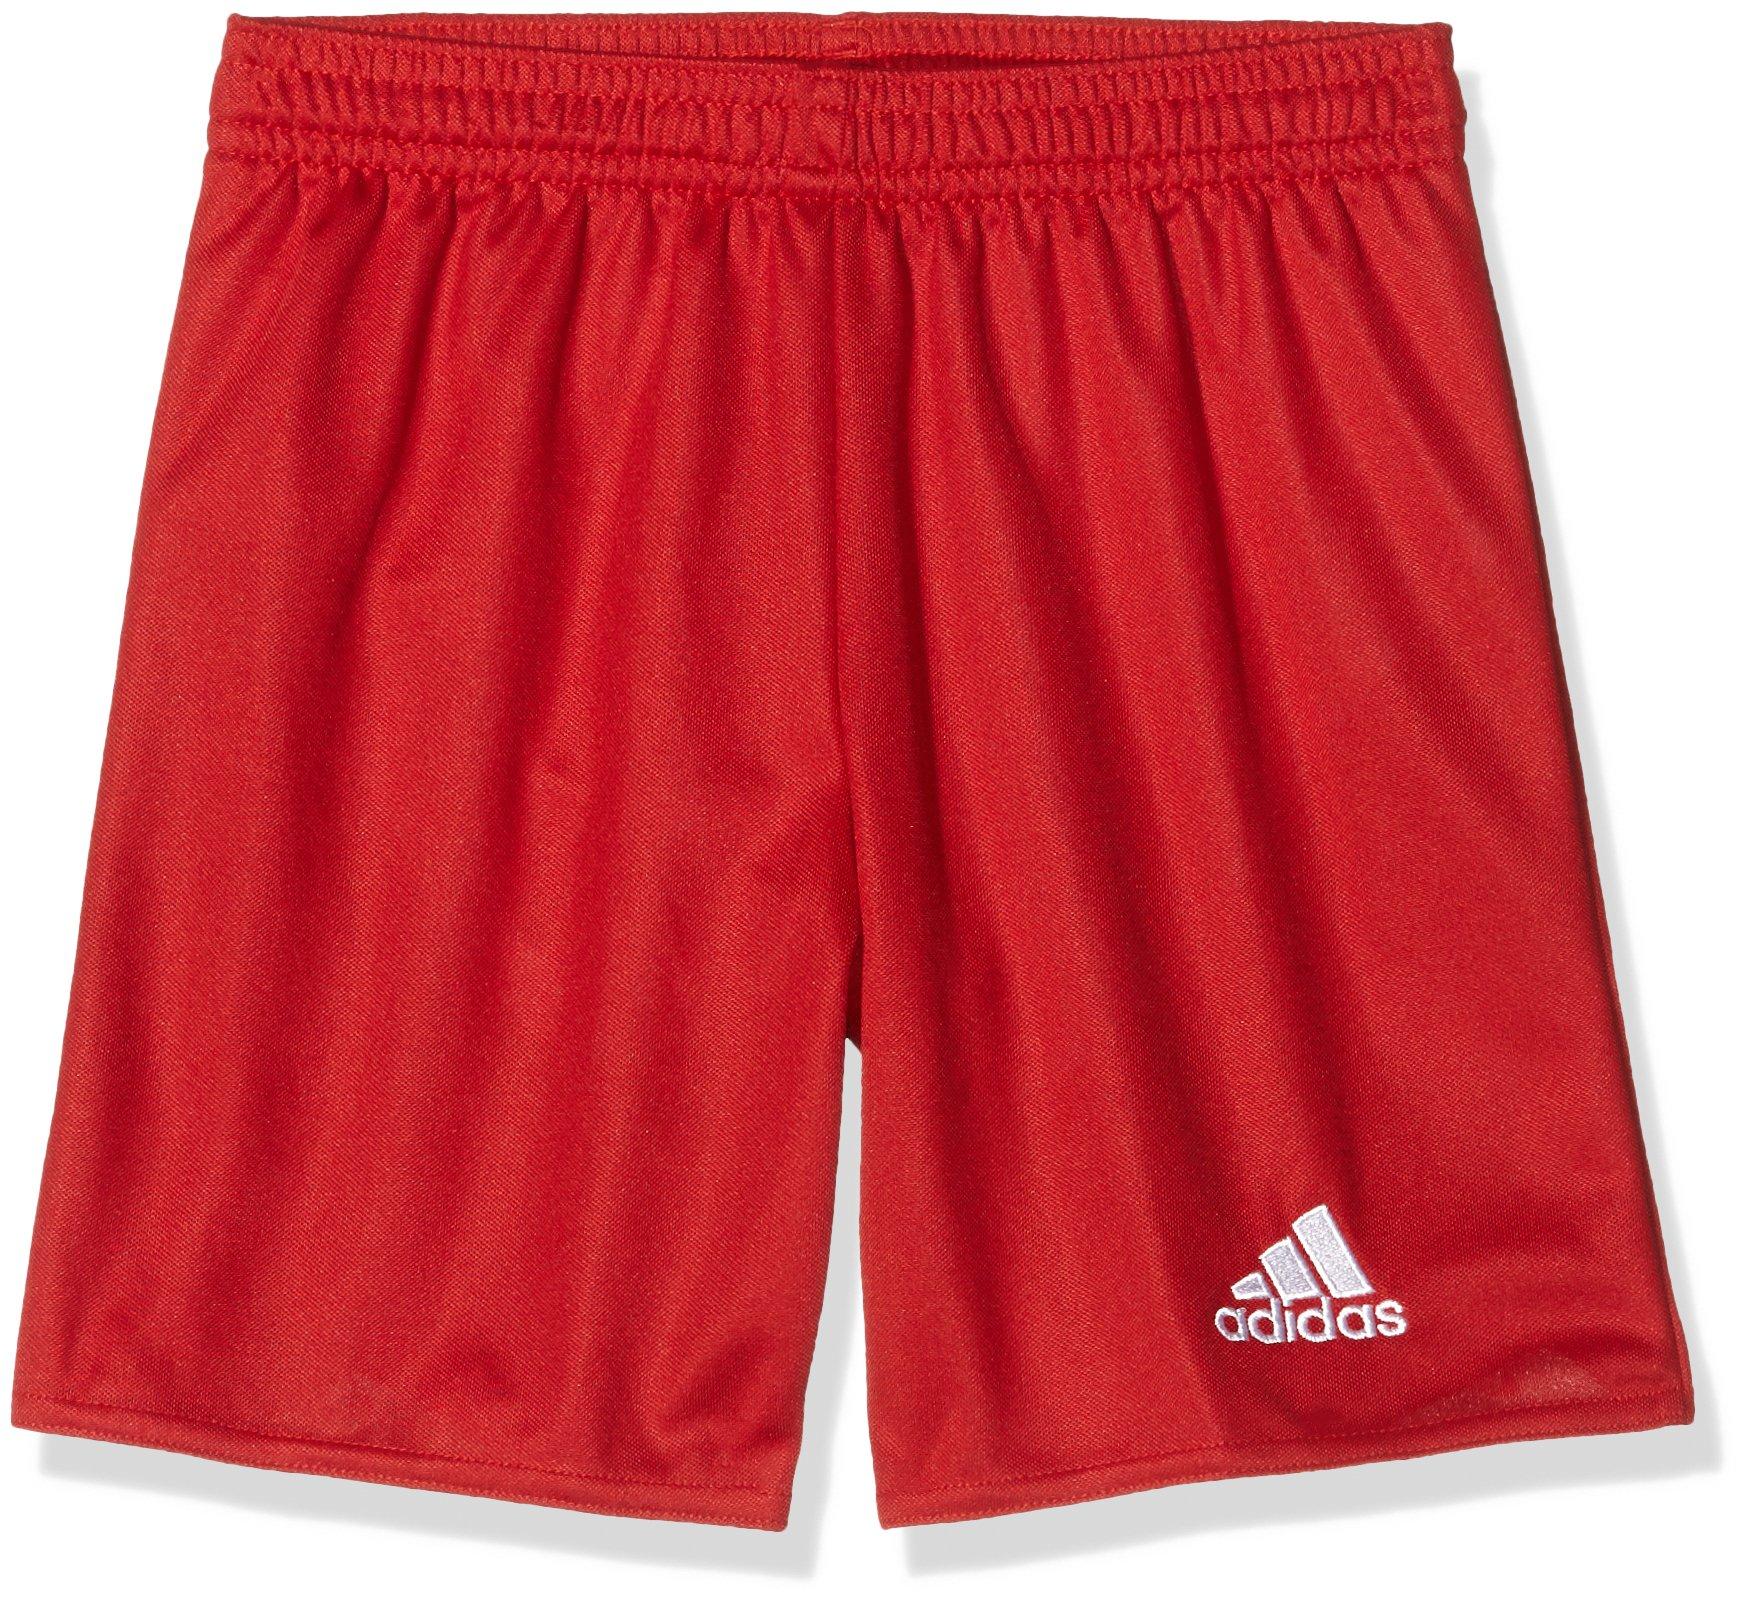 Adidas Parma 16 Sho Wb Short per Uomo, Multicolore (Rosso/Bianco), IT : 13-14 anni ( Taglia produtt